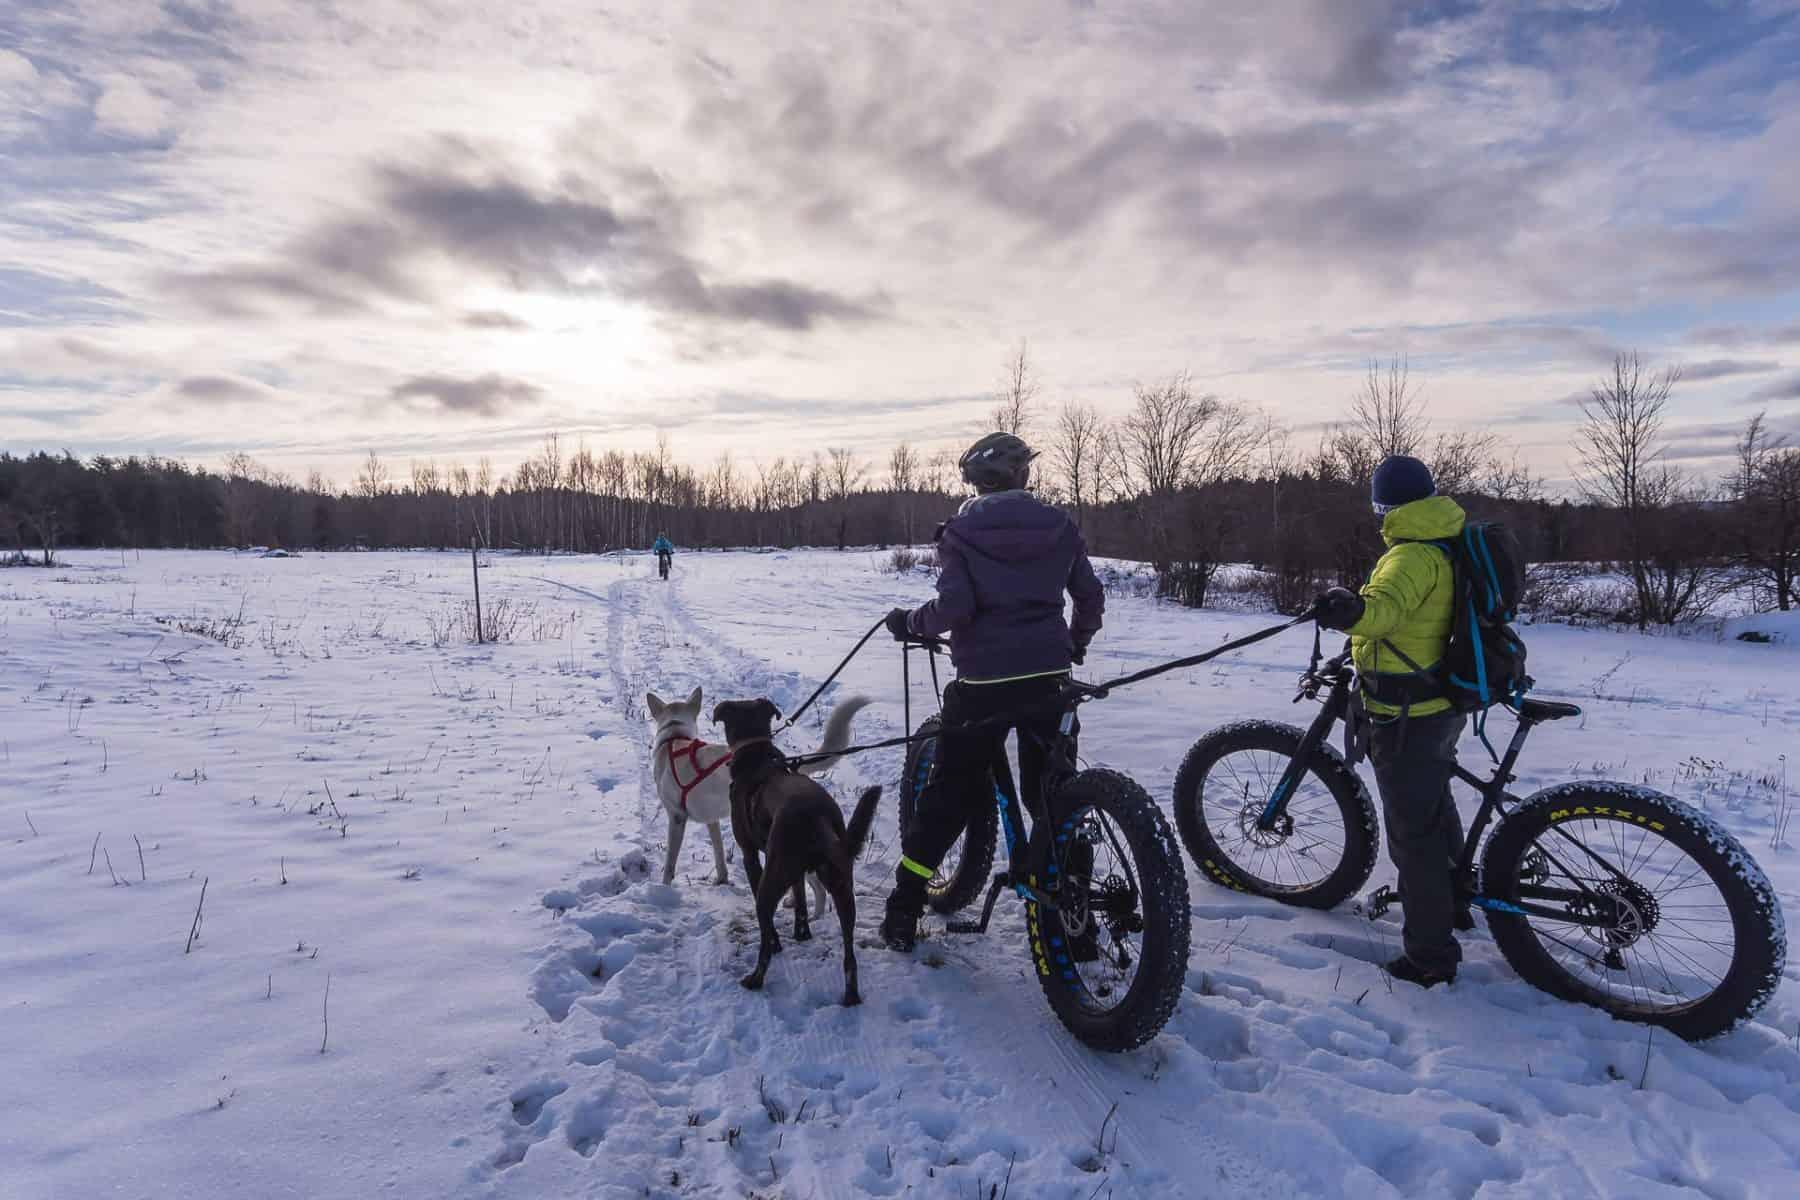 Le Husky et le Labrador sont prêts pour l'aventure en bikejoring lors d'une fin de journée hivernale.